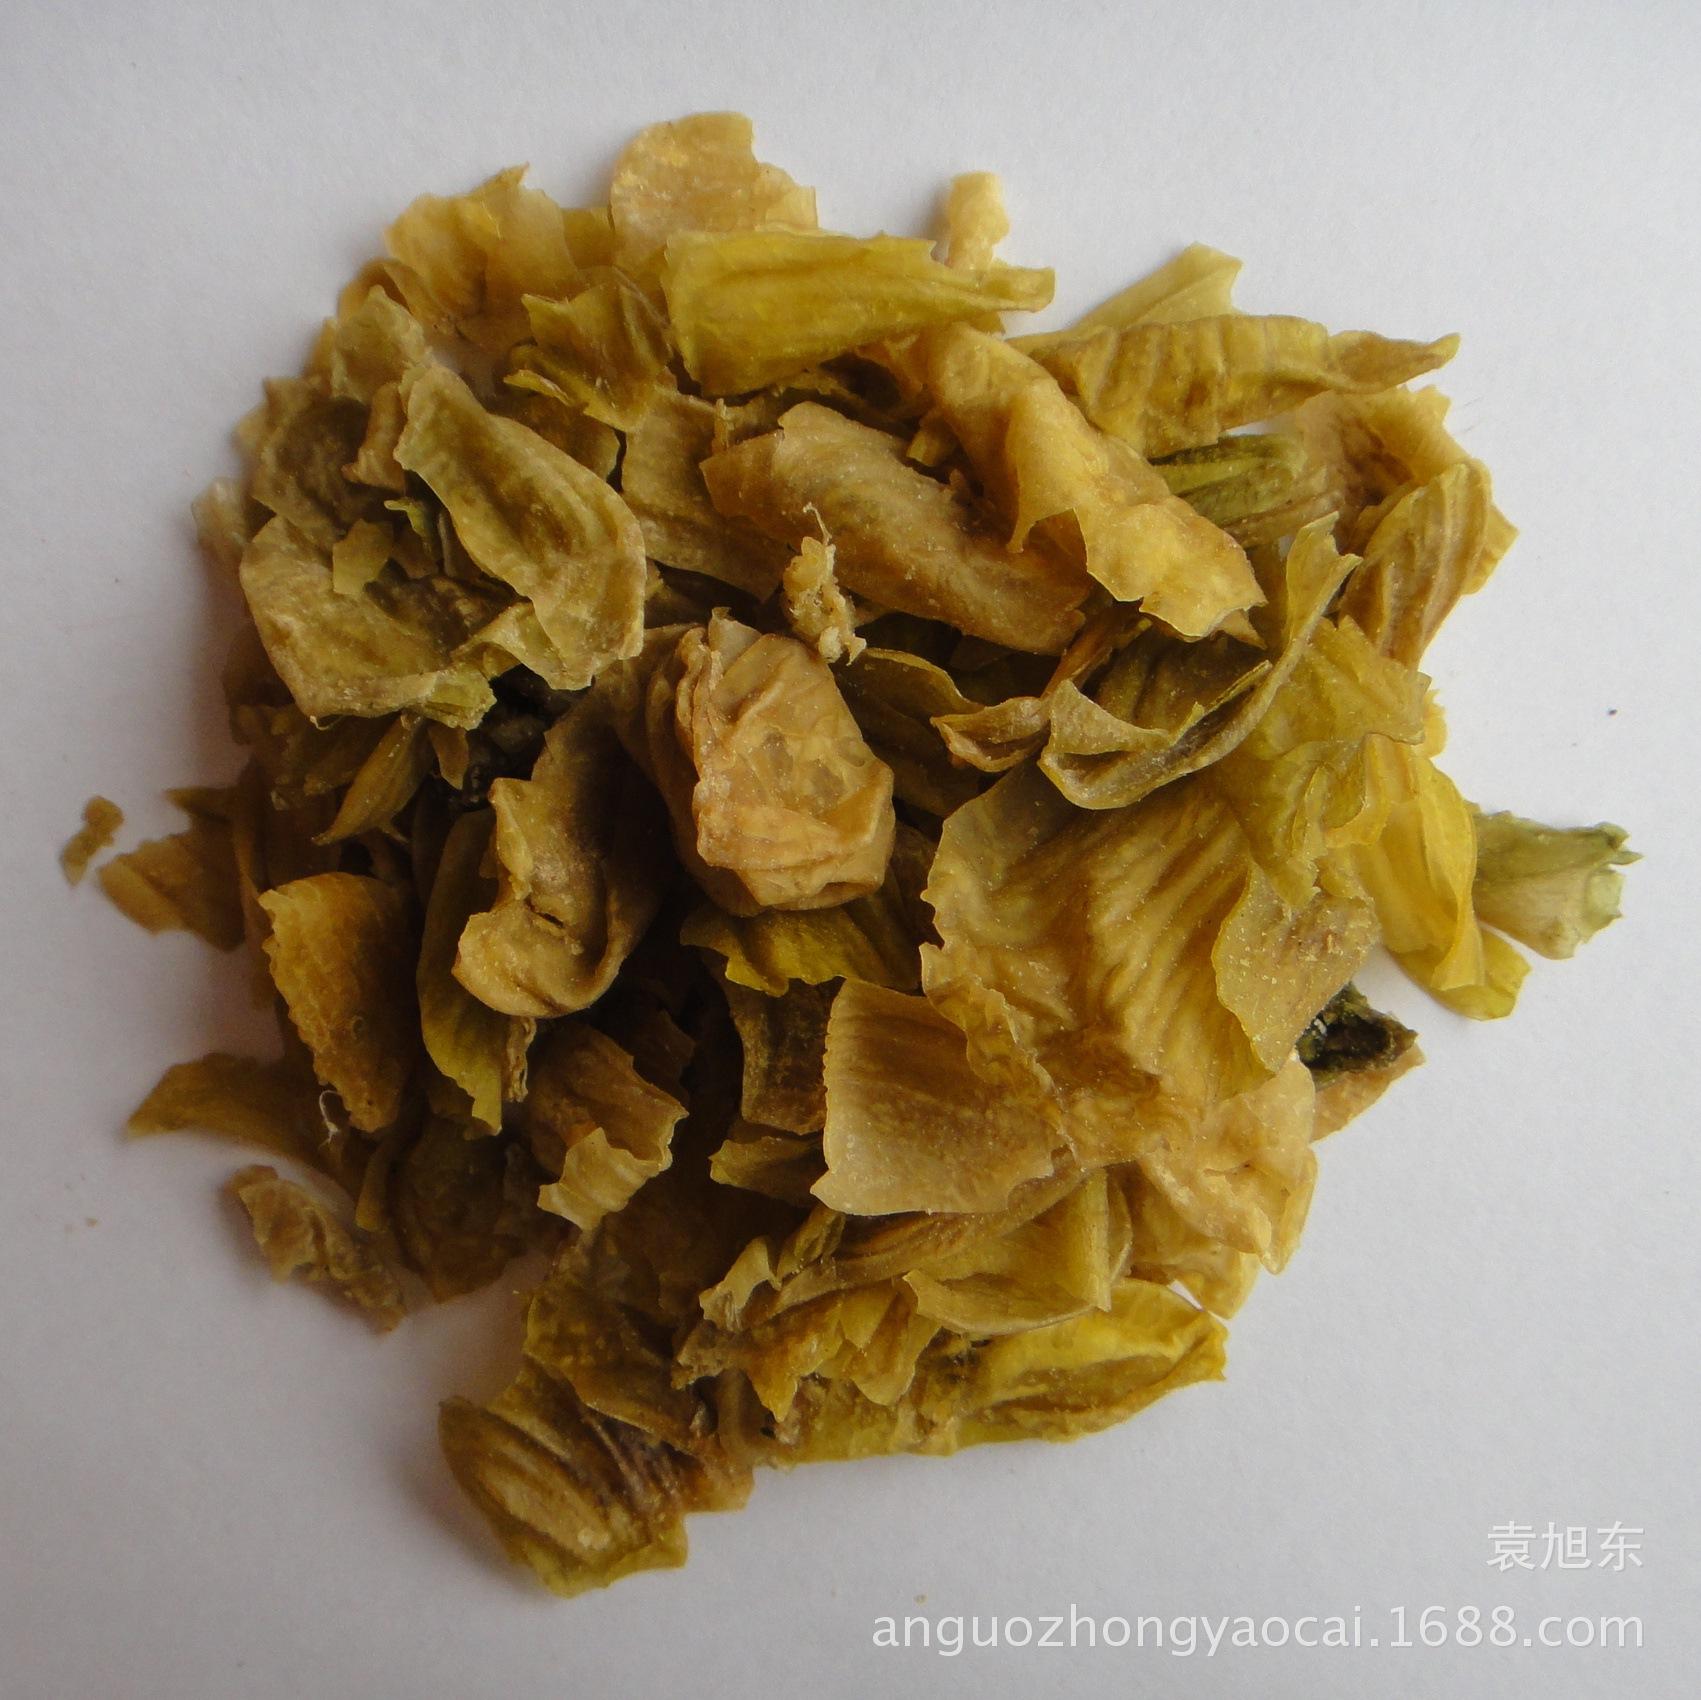 Dược liệu Trung Quốc Nguyên liệu Gallus gallus domesticum Bí danh: da mề gà